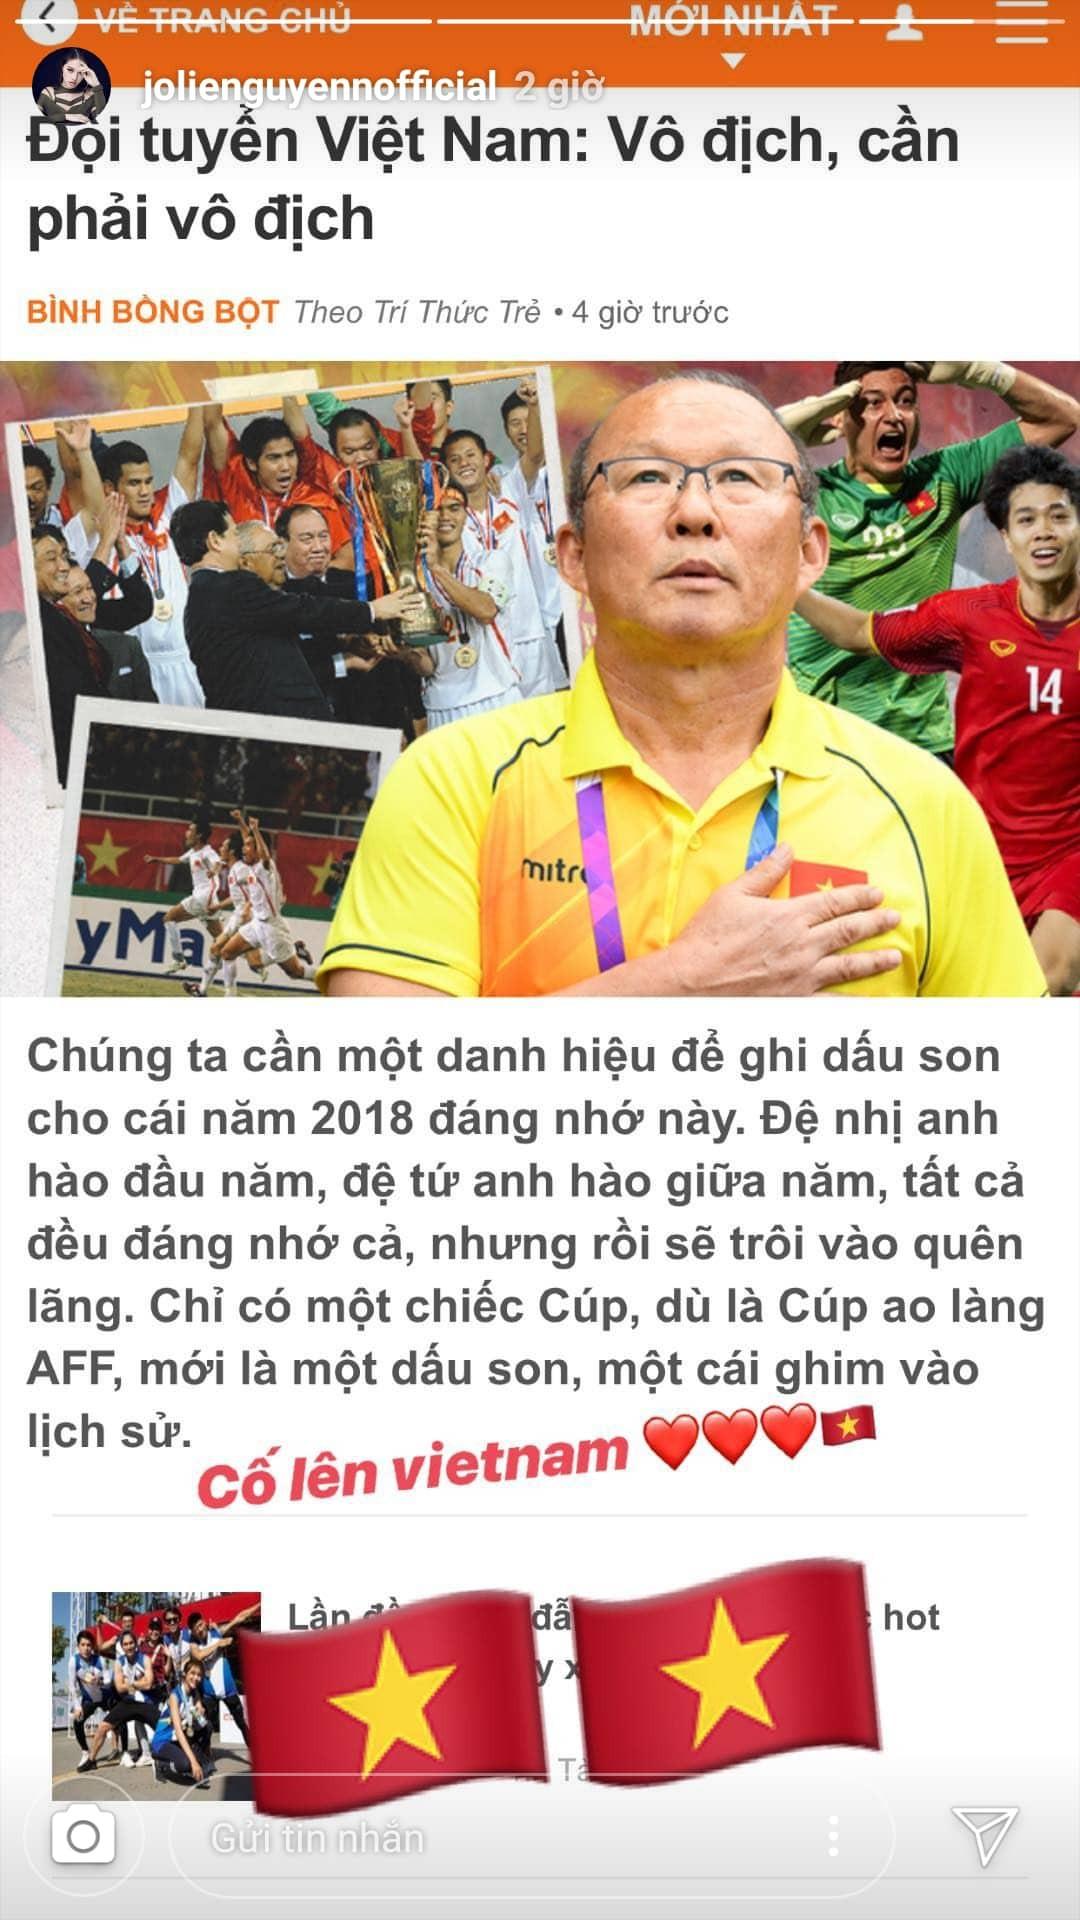 Clip: Dàn sao Việt hào hứng dự đoán tỷ số, hết mình cổ vũ tuyển Việt Nam trước trận Bán kết AFF Cup - Ảnh 4.